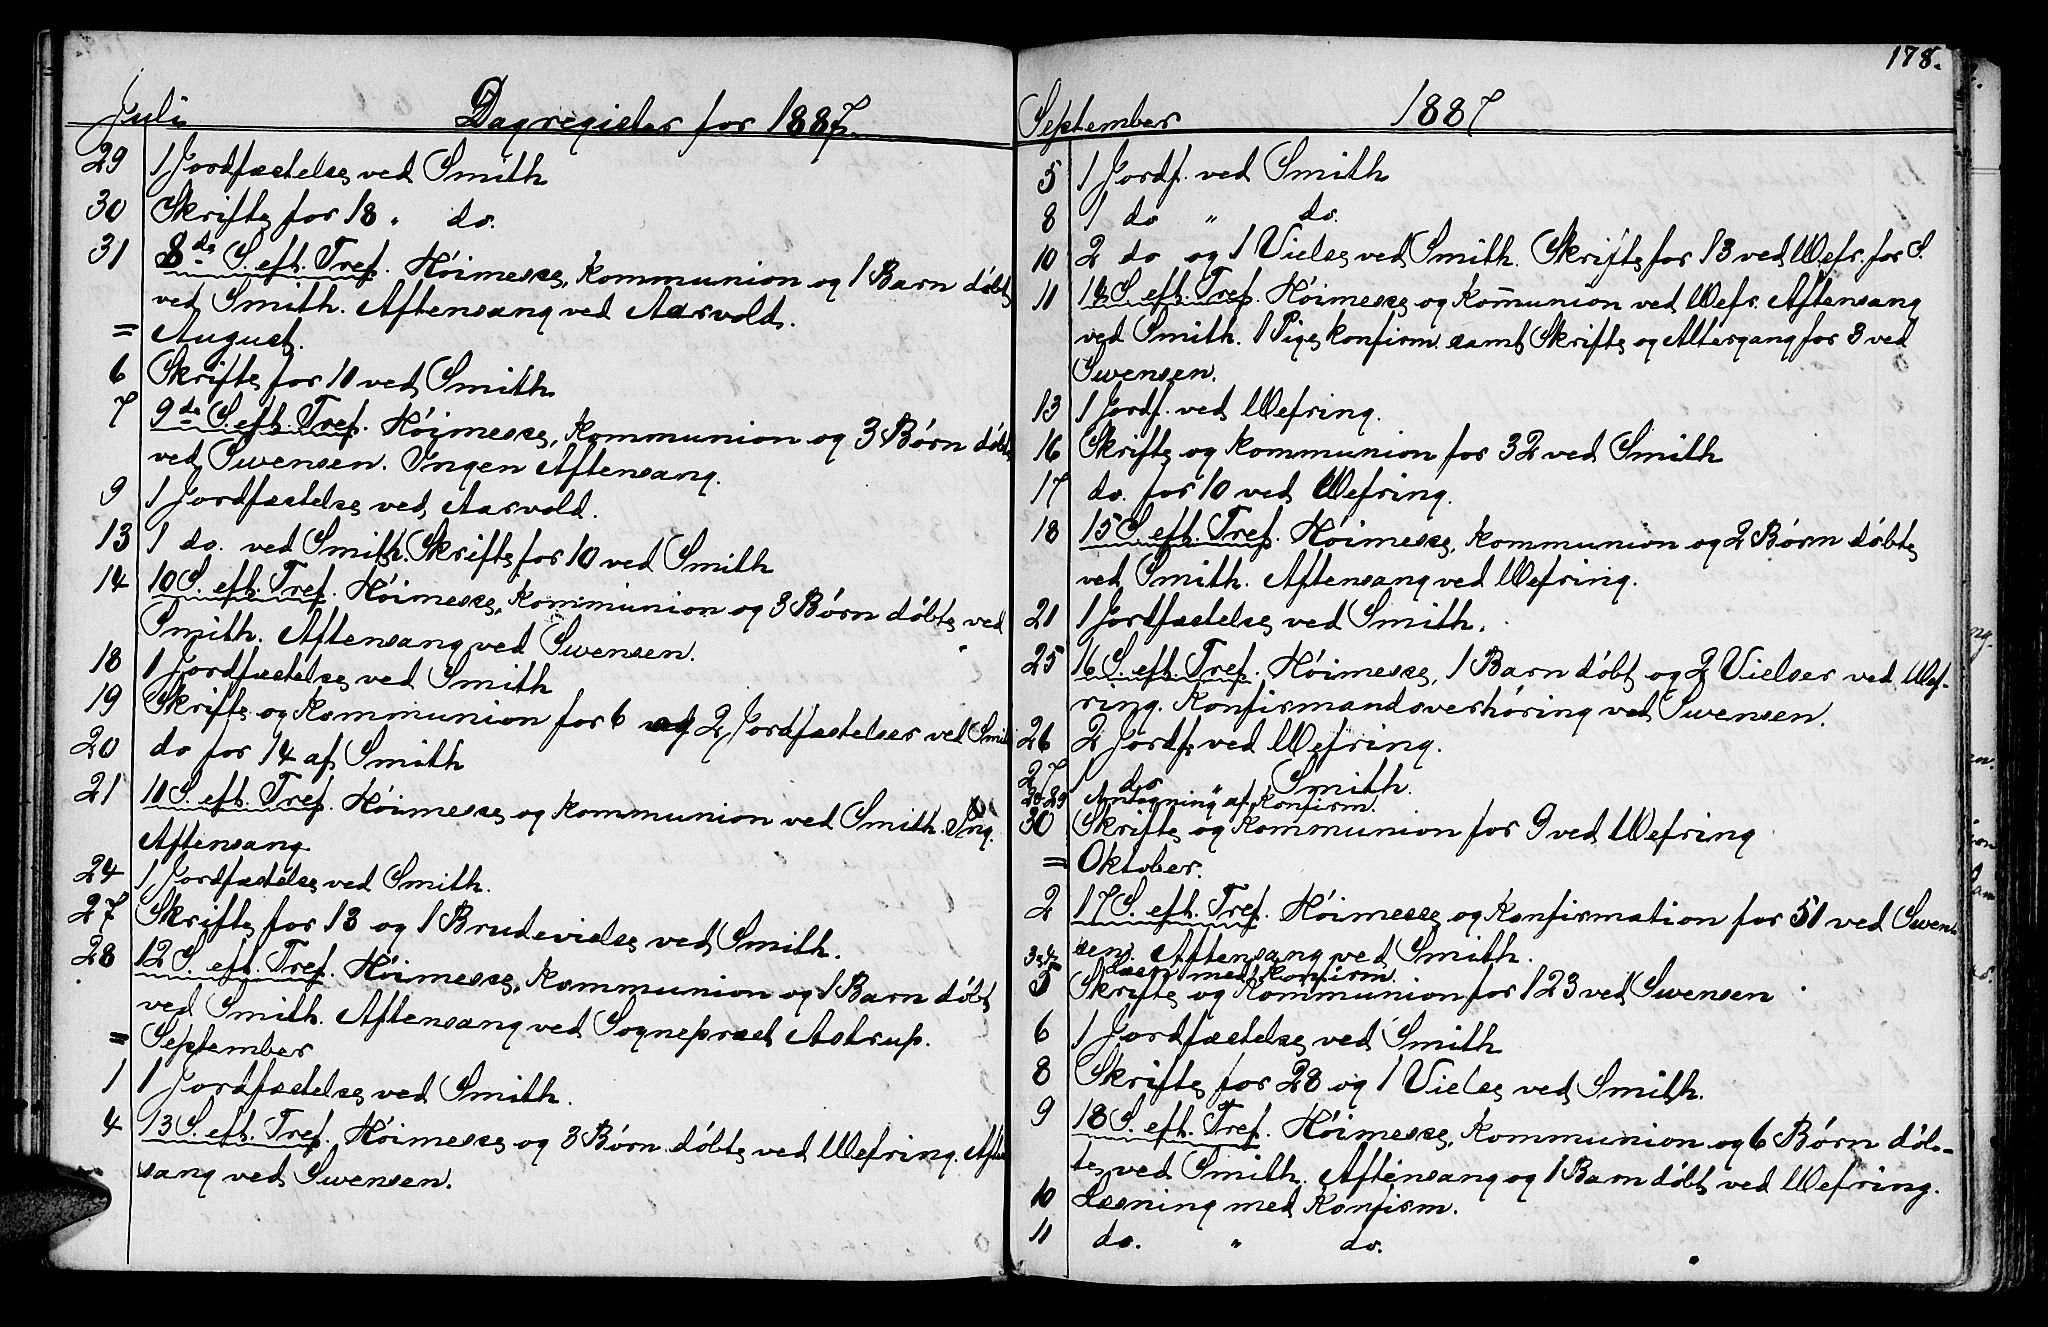 SAT, Ministerialprotokoller, klokkerbøker og fødselsregistre - Sør-Trøndelag, 602/L0142: Klokkerbok nr. 602C10, 1872-1894, s. 178